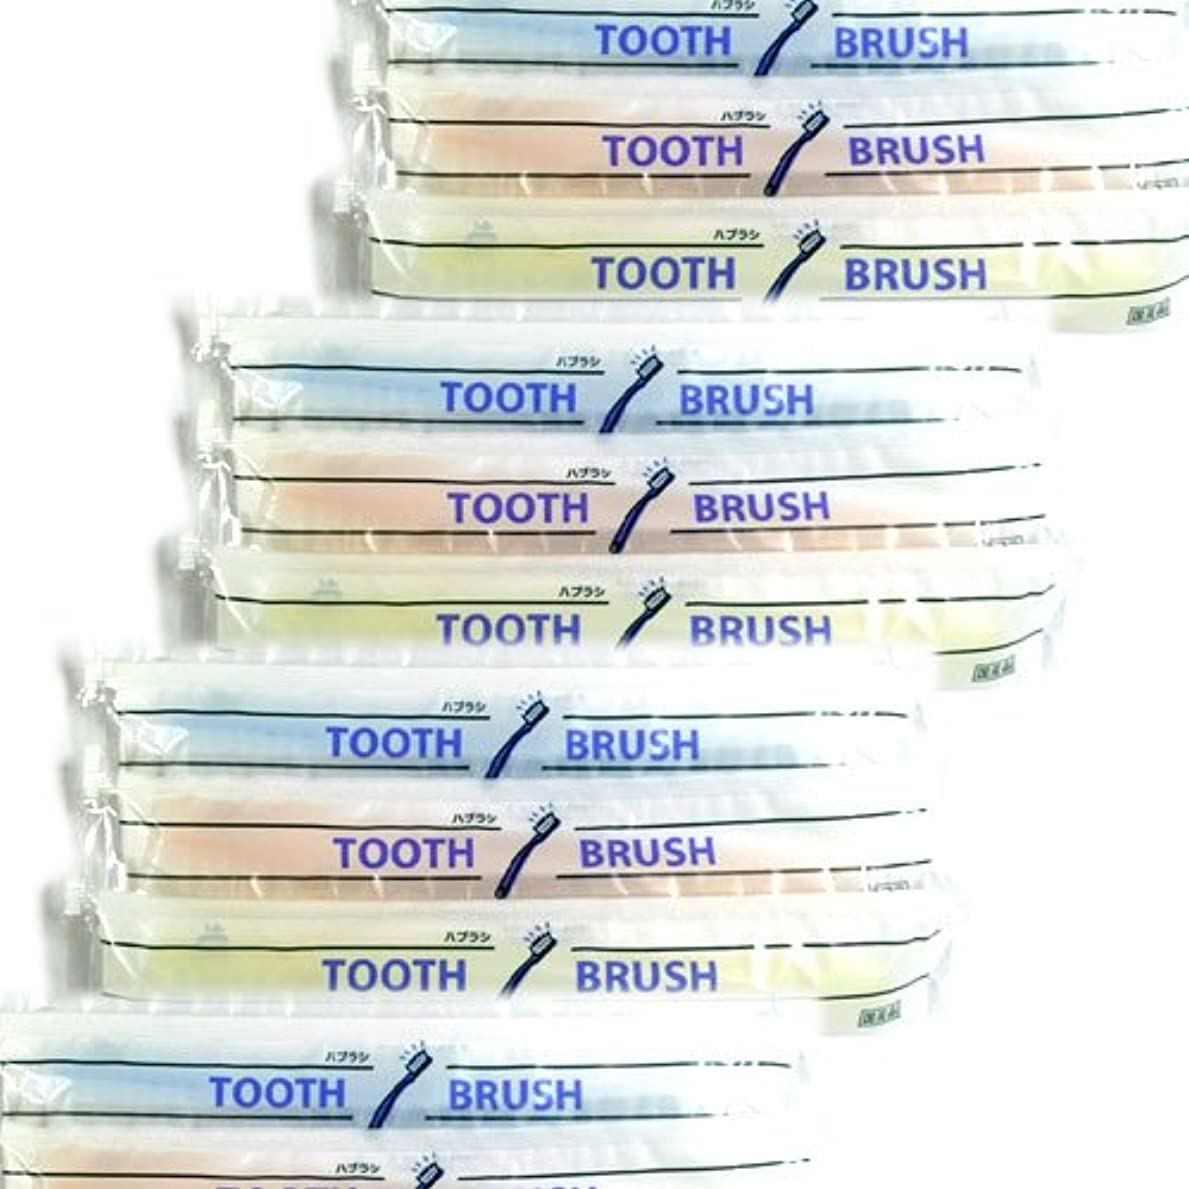 シャープ私達リスナーホテルアメニティ 業務用 使い捨て(インスタント) 粉付き歯ブラシ(200本組)(旅行用?お客様用にも)